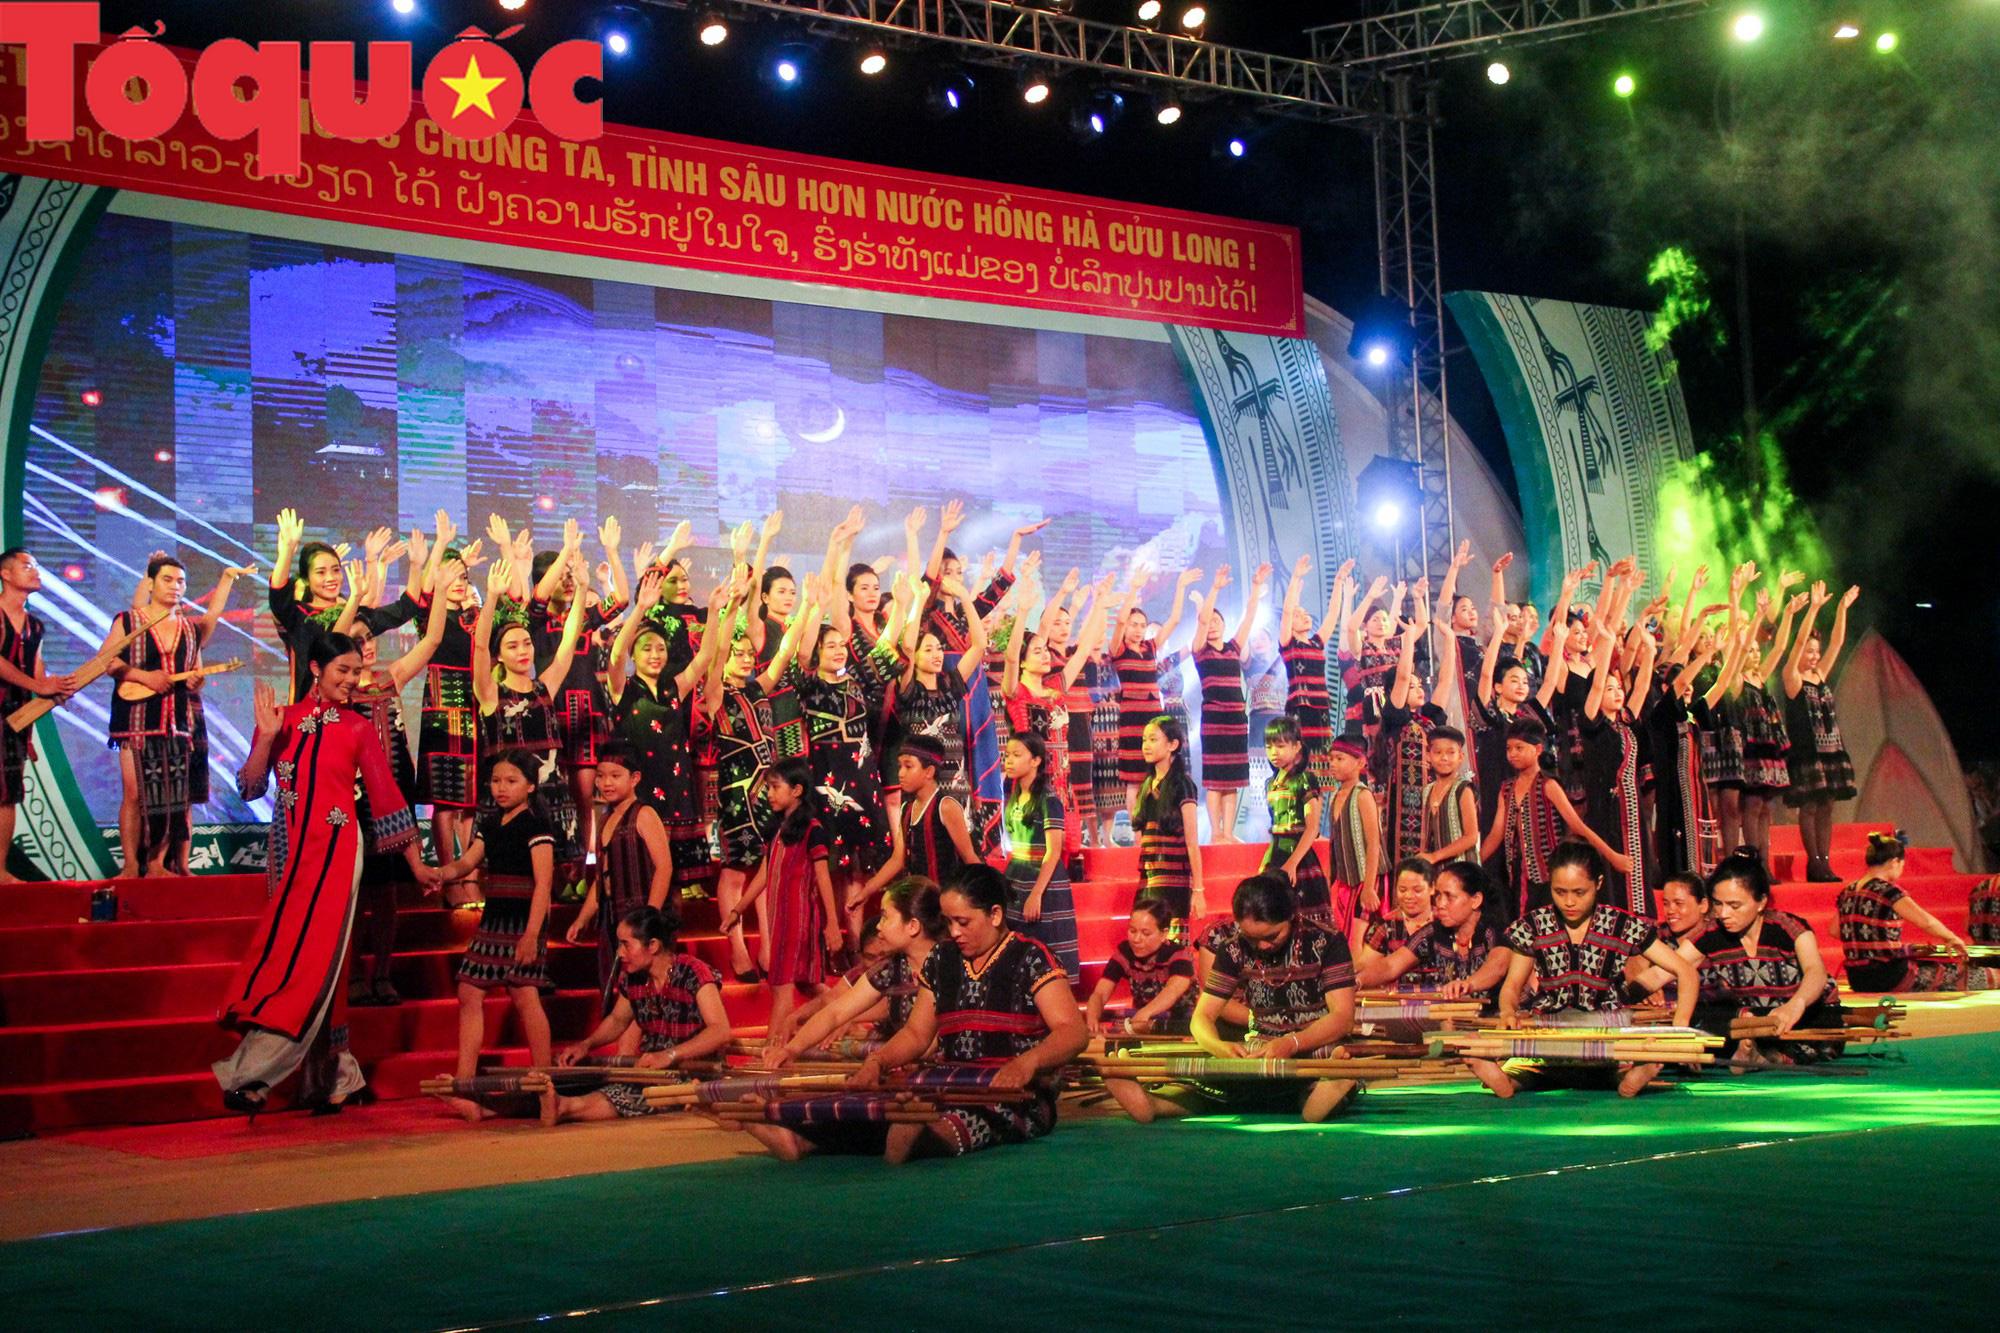 Khai mạc Ngày hội giao lưu văn hóa, thể thao, du lịch các dân tộc biên giới Việt Nam - Lào - Ảnh 9.